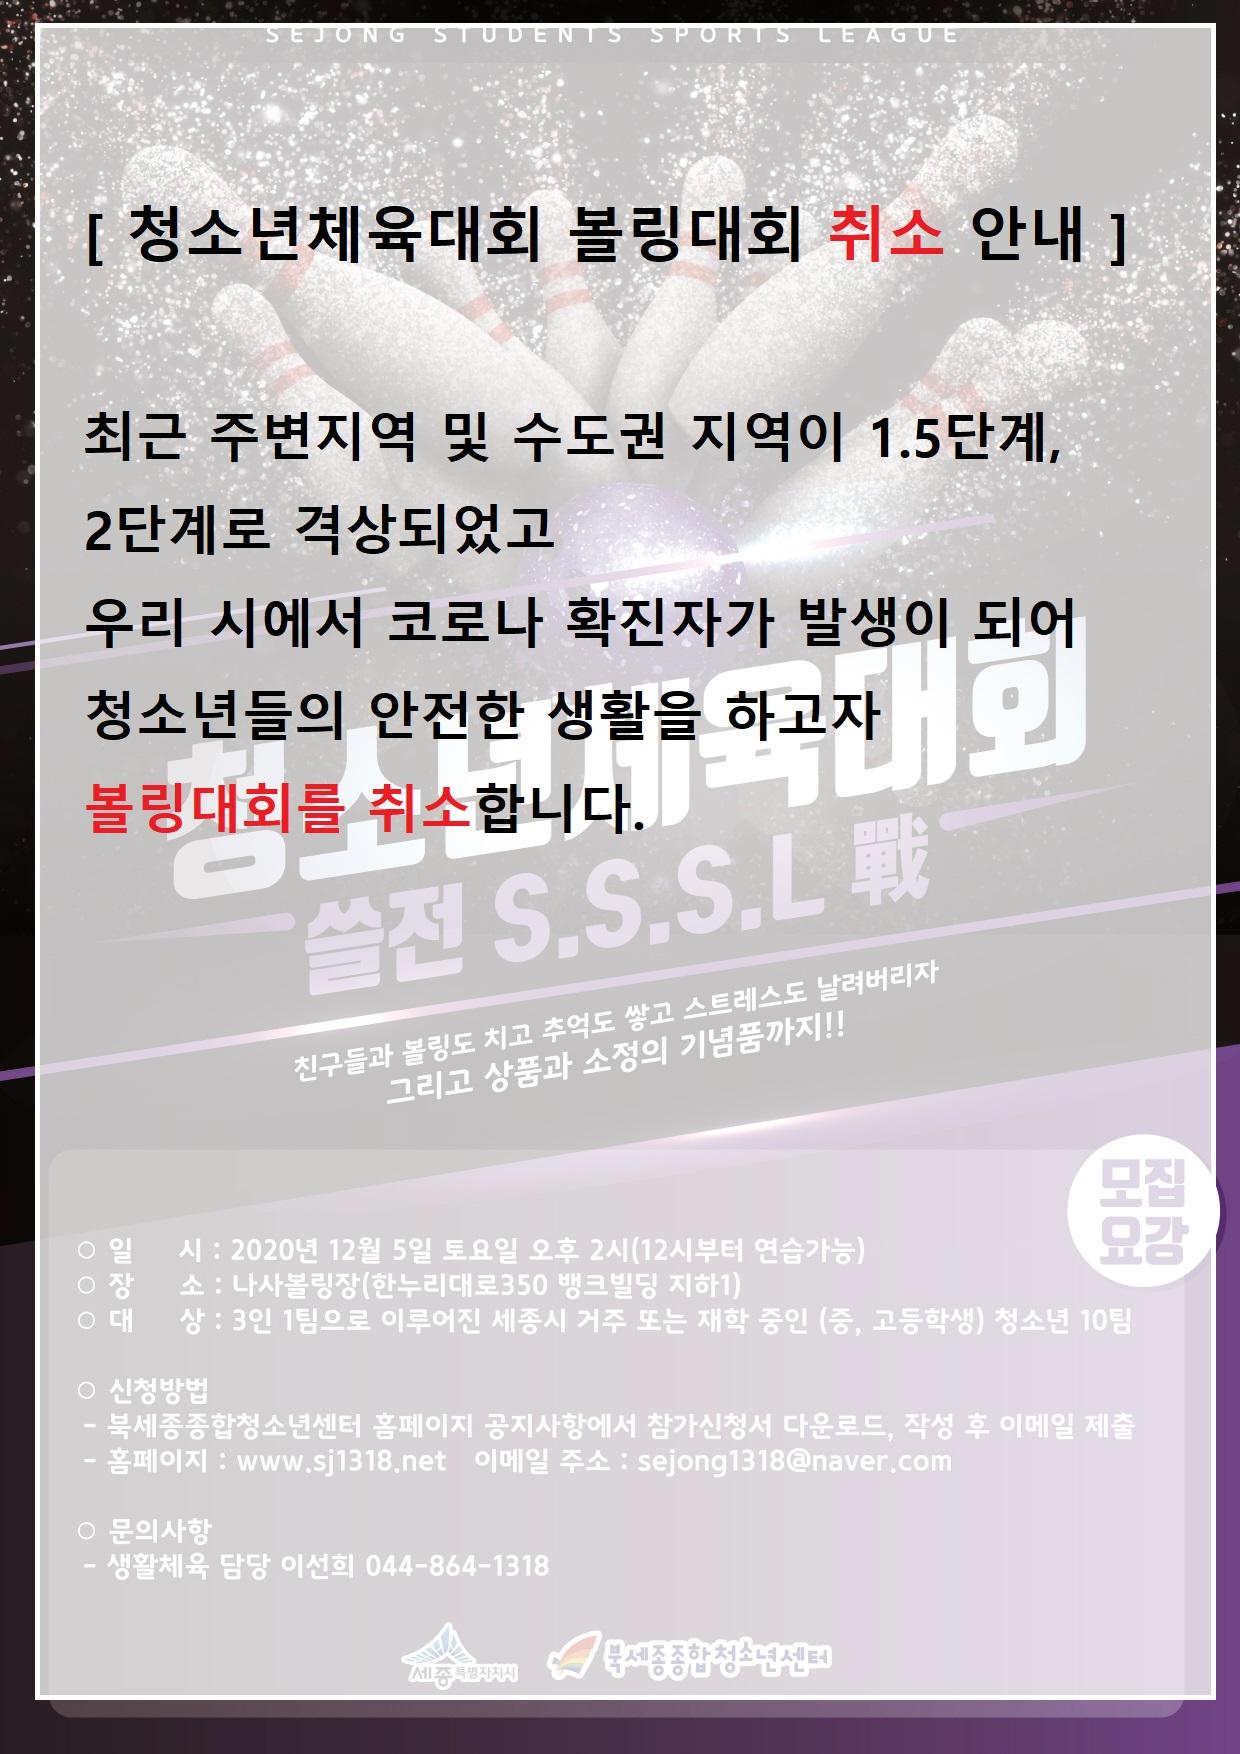 북세종청소년_쓸전 포스터 - 1 - 복사본.jpg